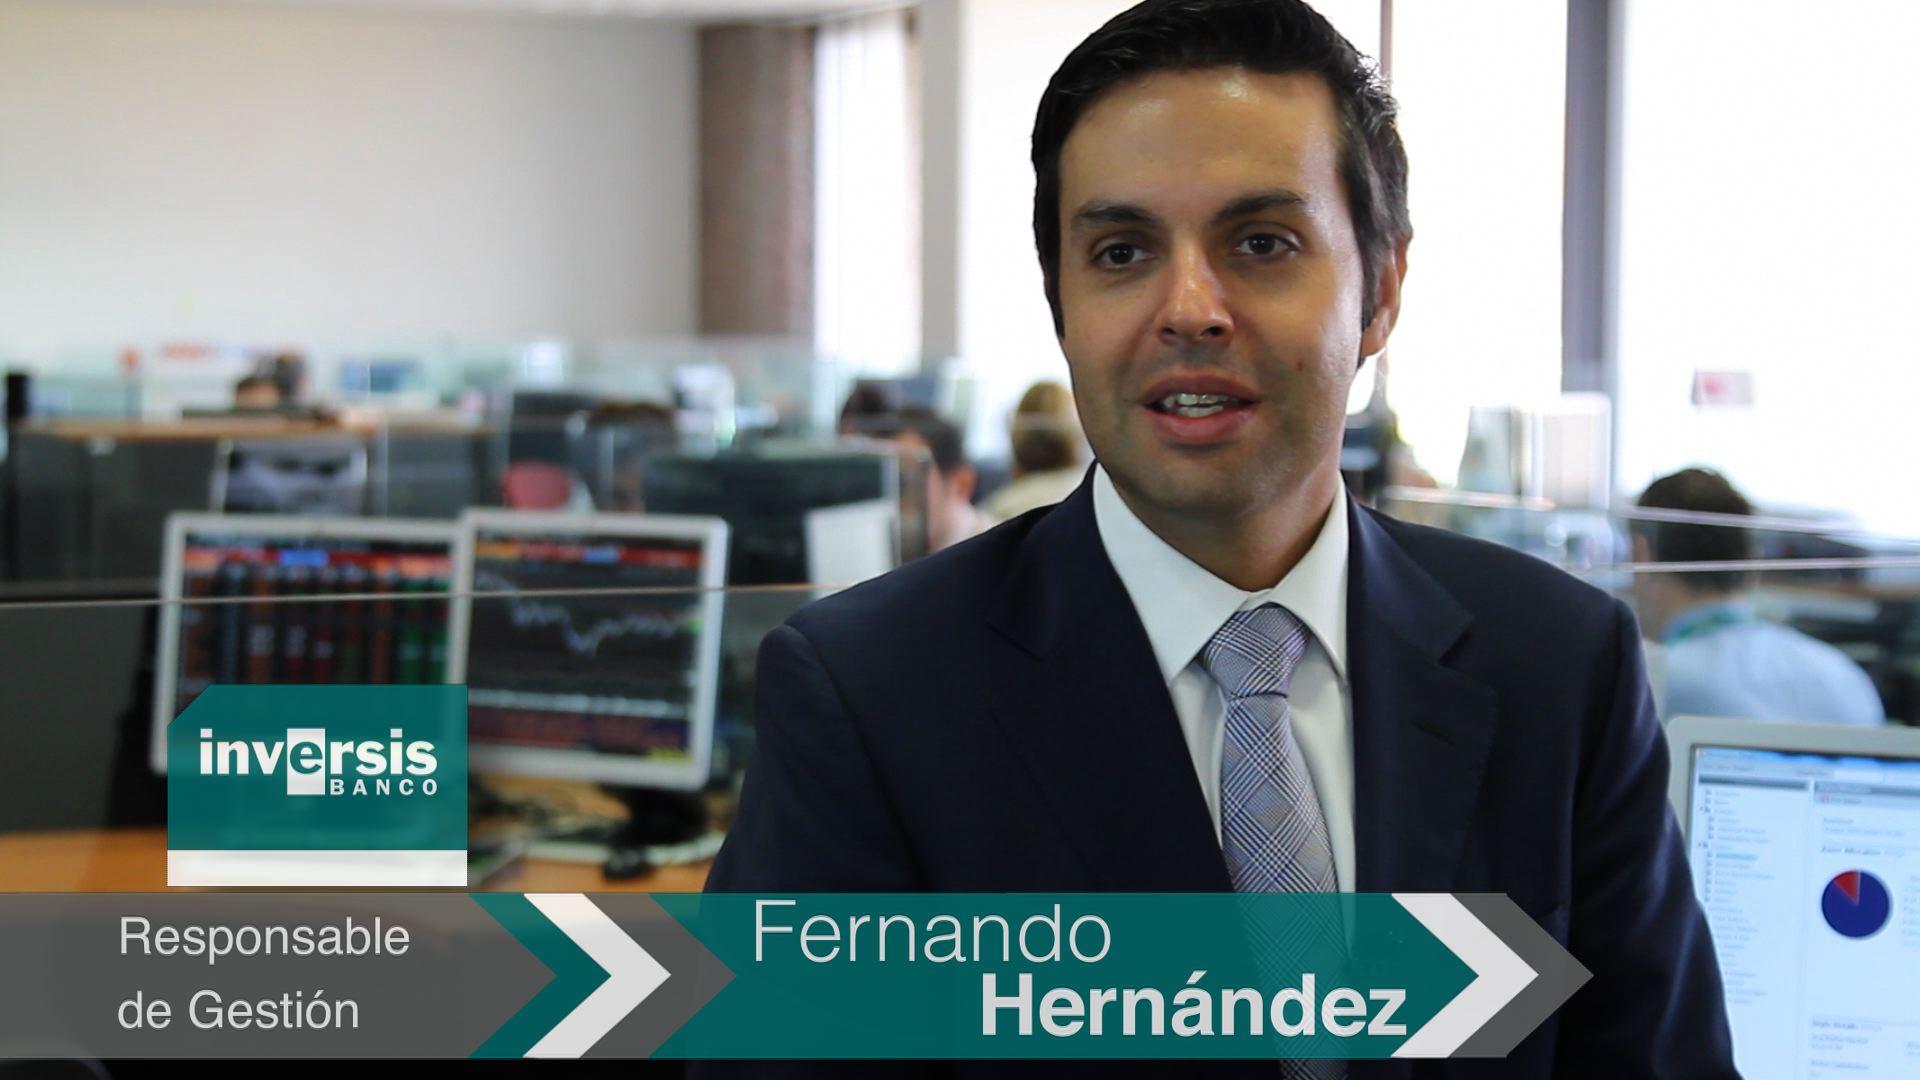 """Fernando Hernández: """"Al Ibex le queda aún recorrido de un 3% a un 4% hasta final de año"""""""